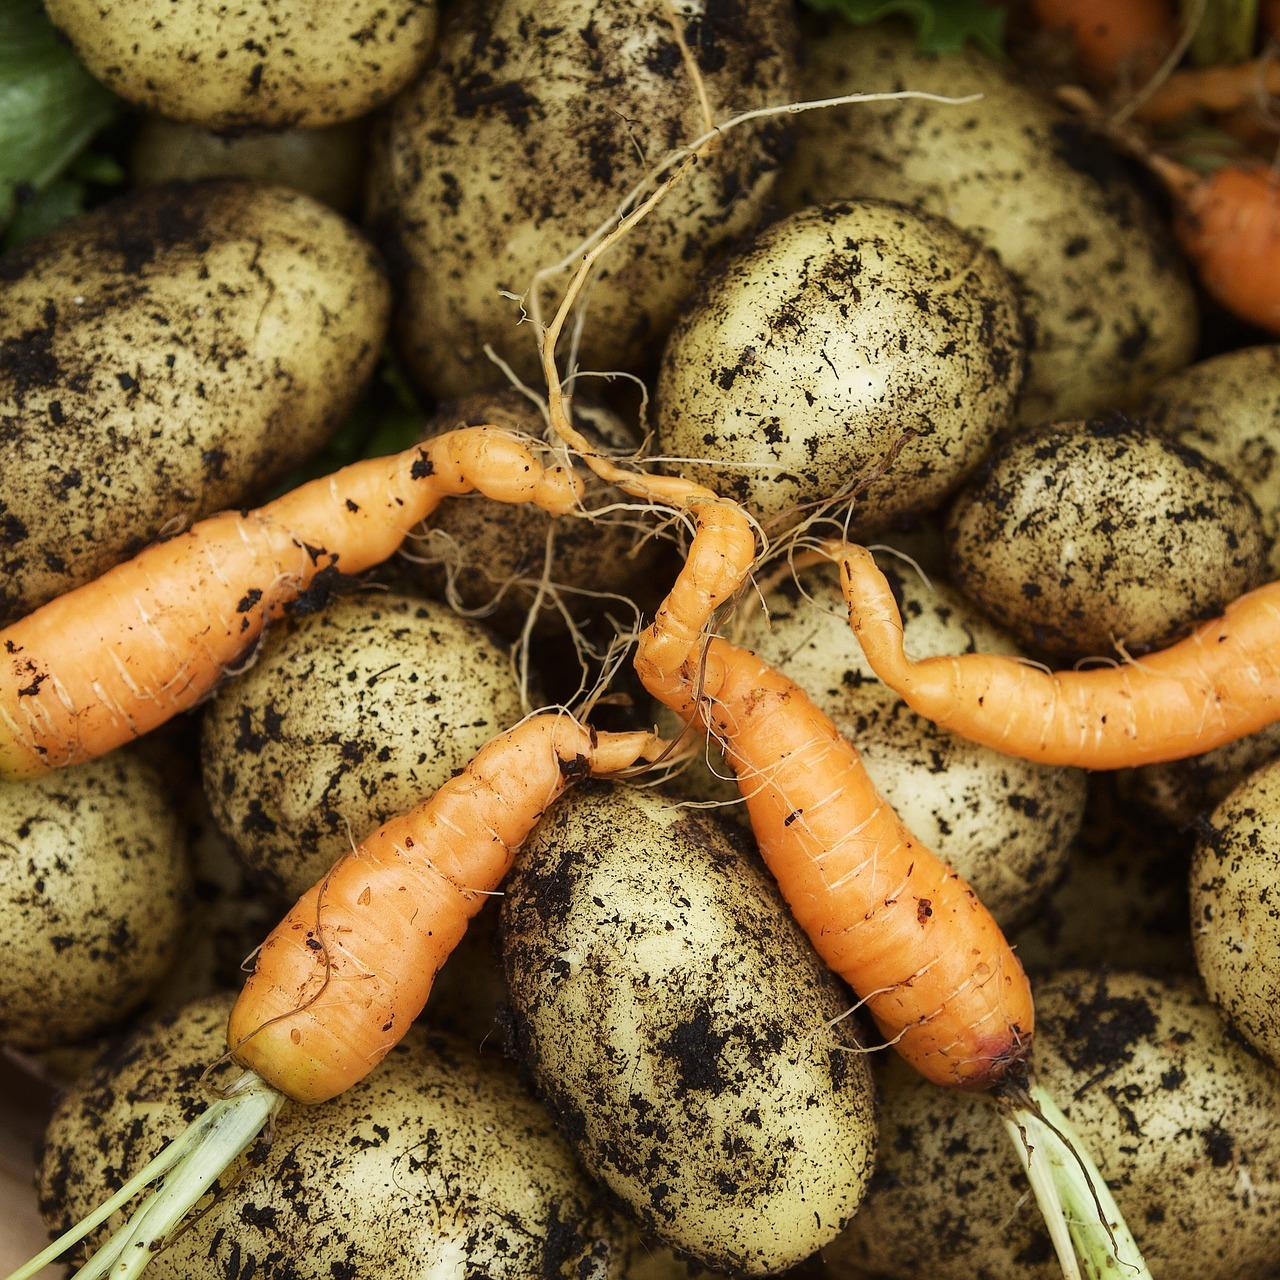 Pobiranje pridelkov: naj ozimnica traja čim dlje